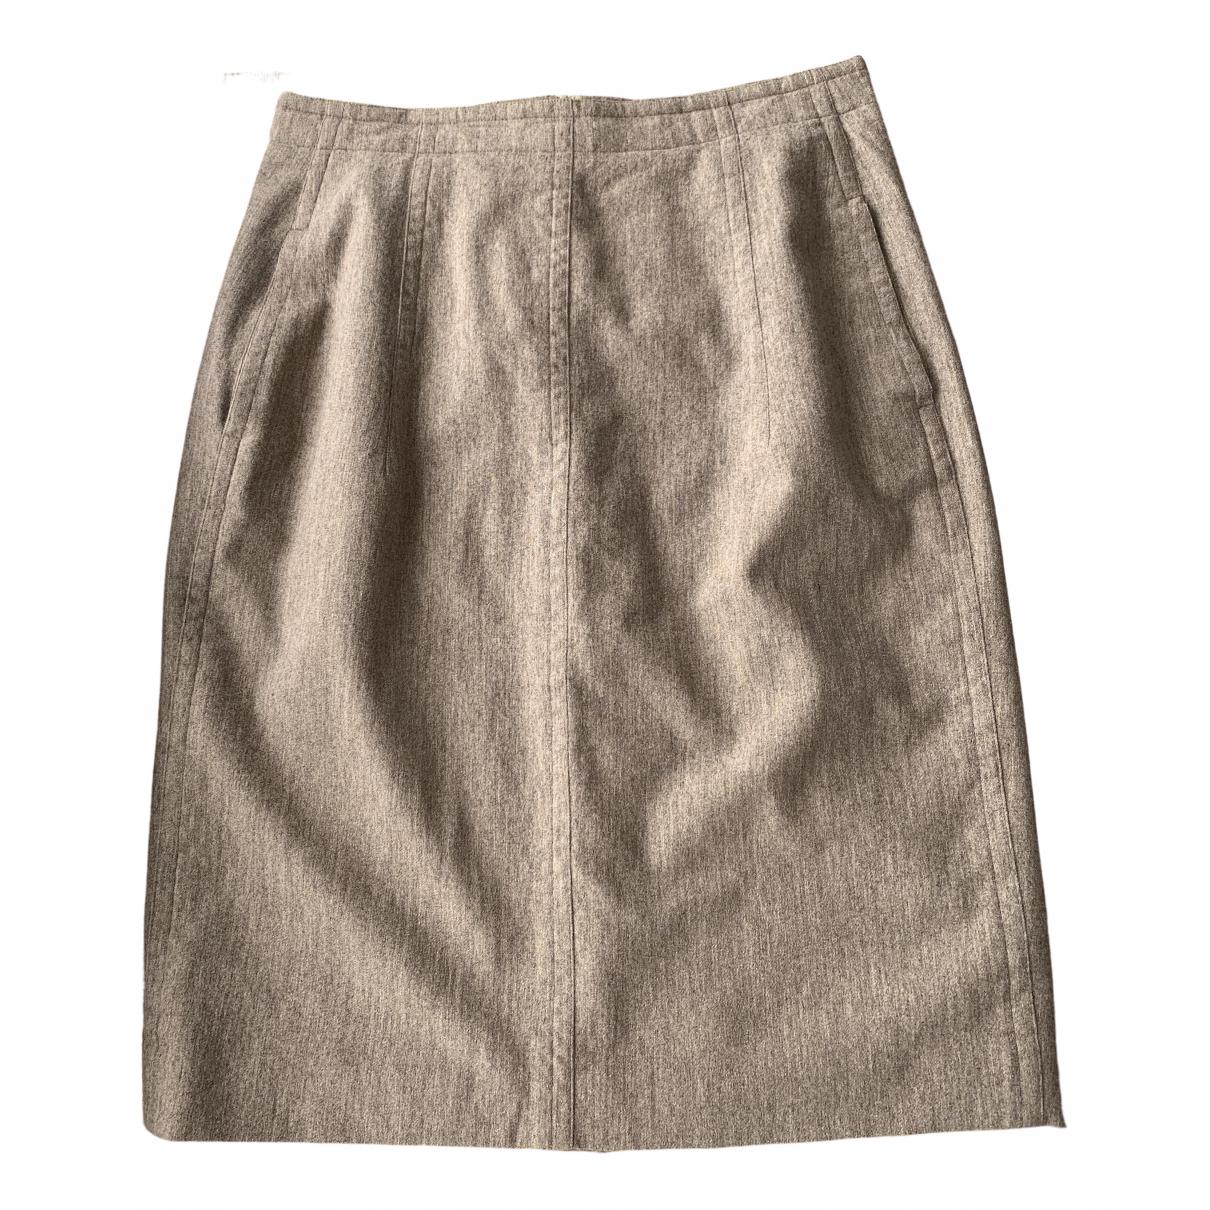 Jil Sander \N Brown Wool skirt for Women M International